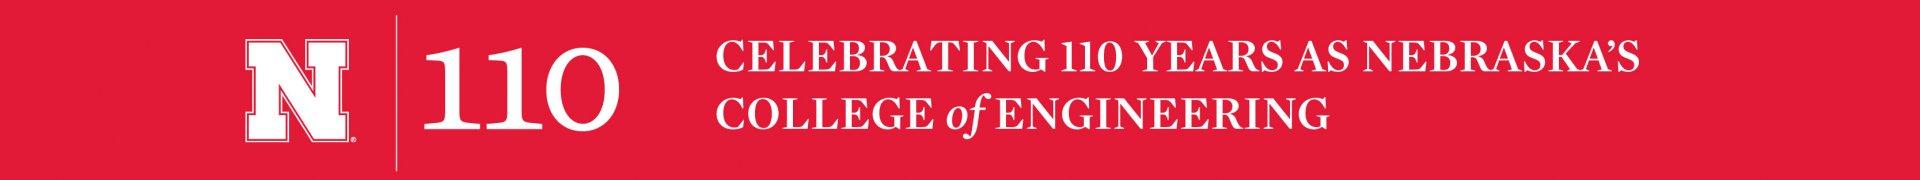 Celebrating 110 years as Nebraska's College of Engineering